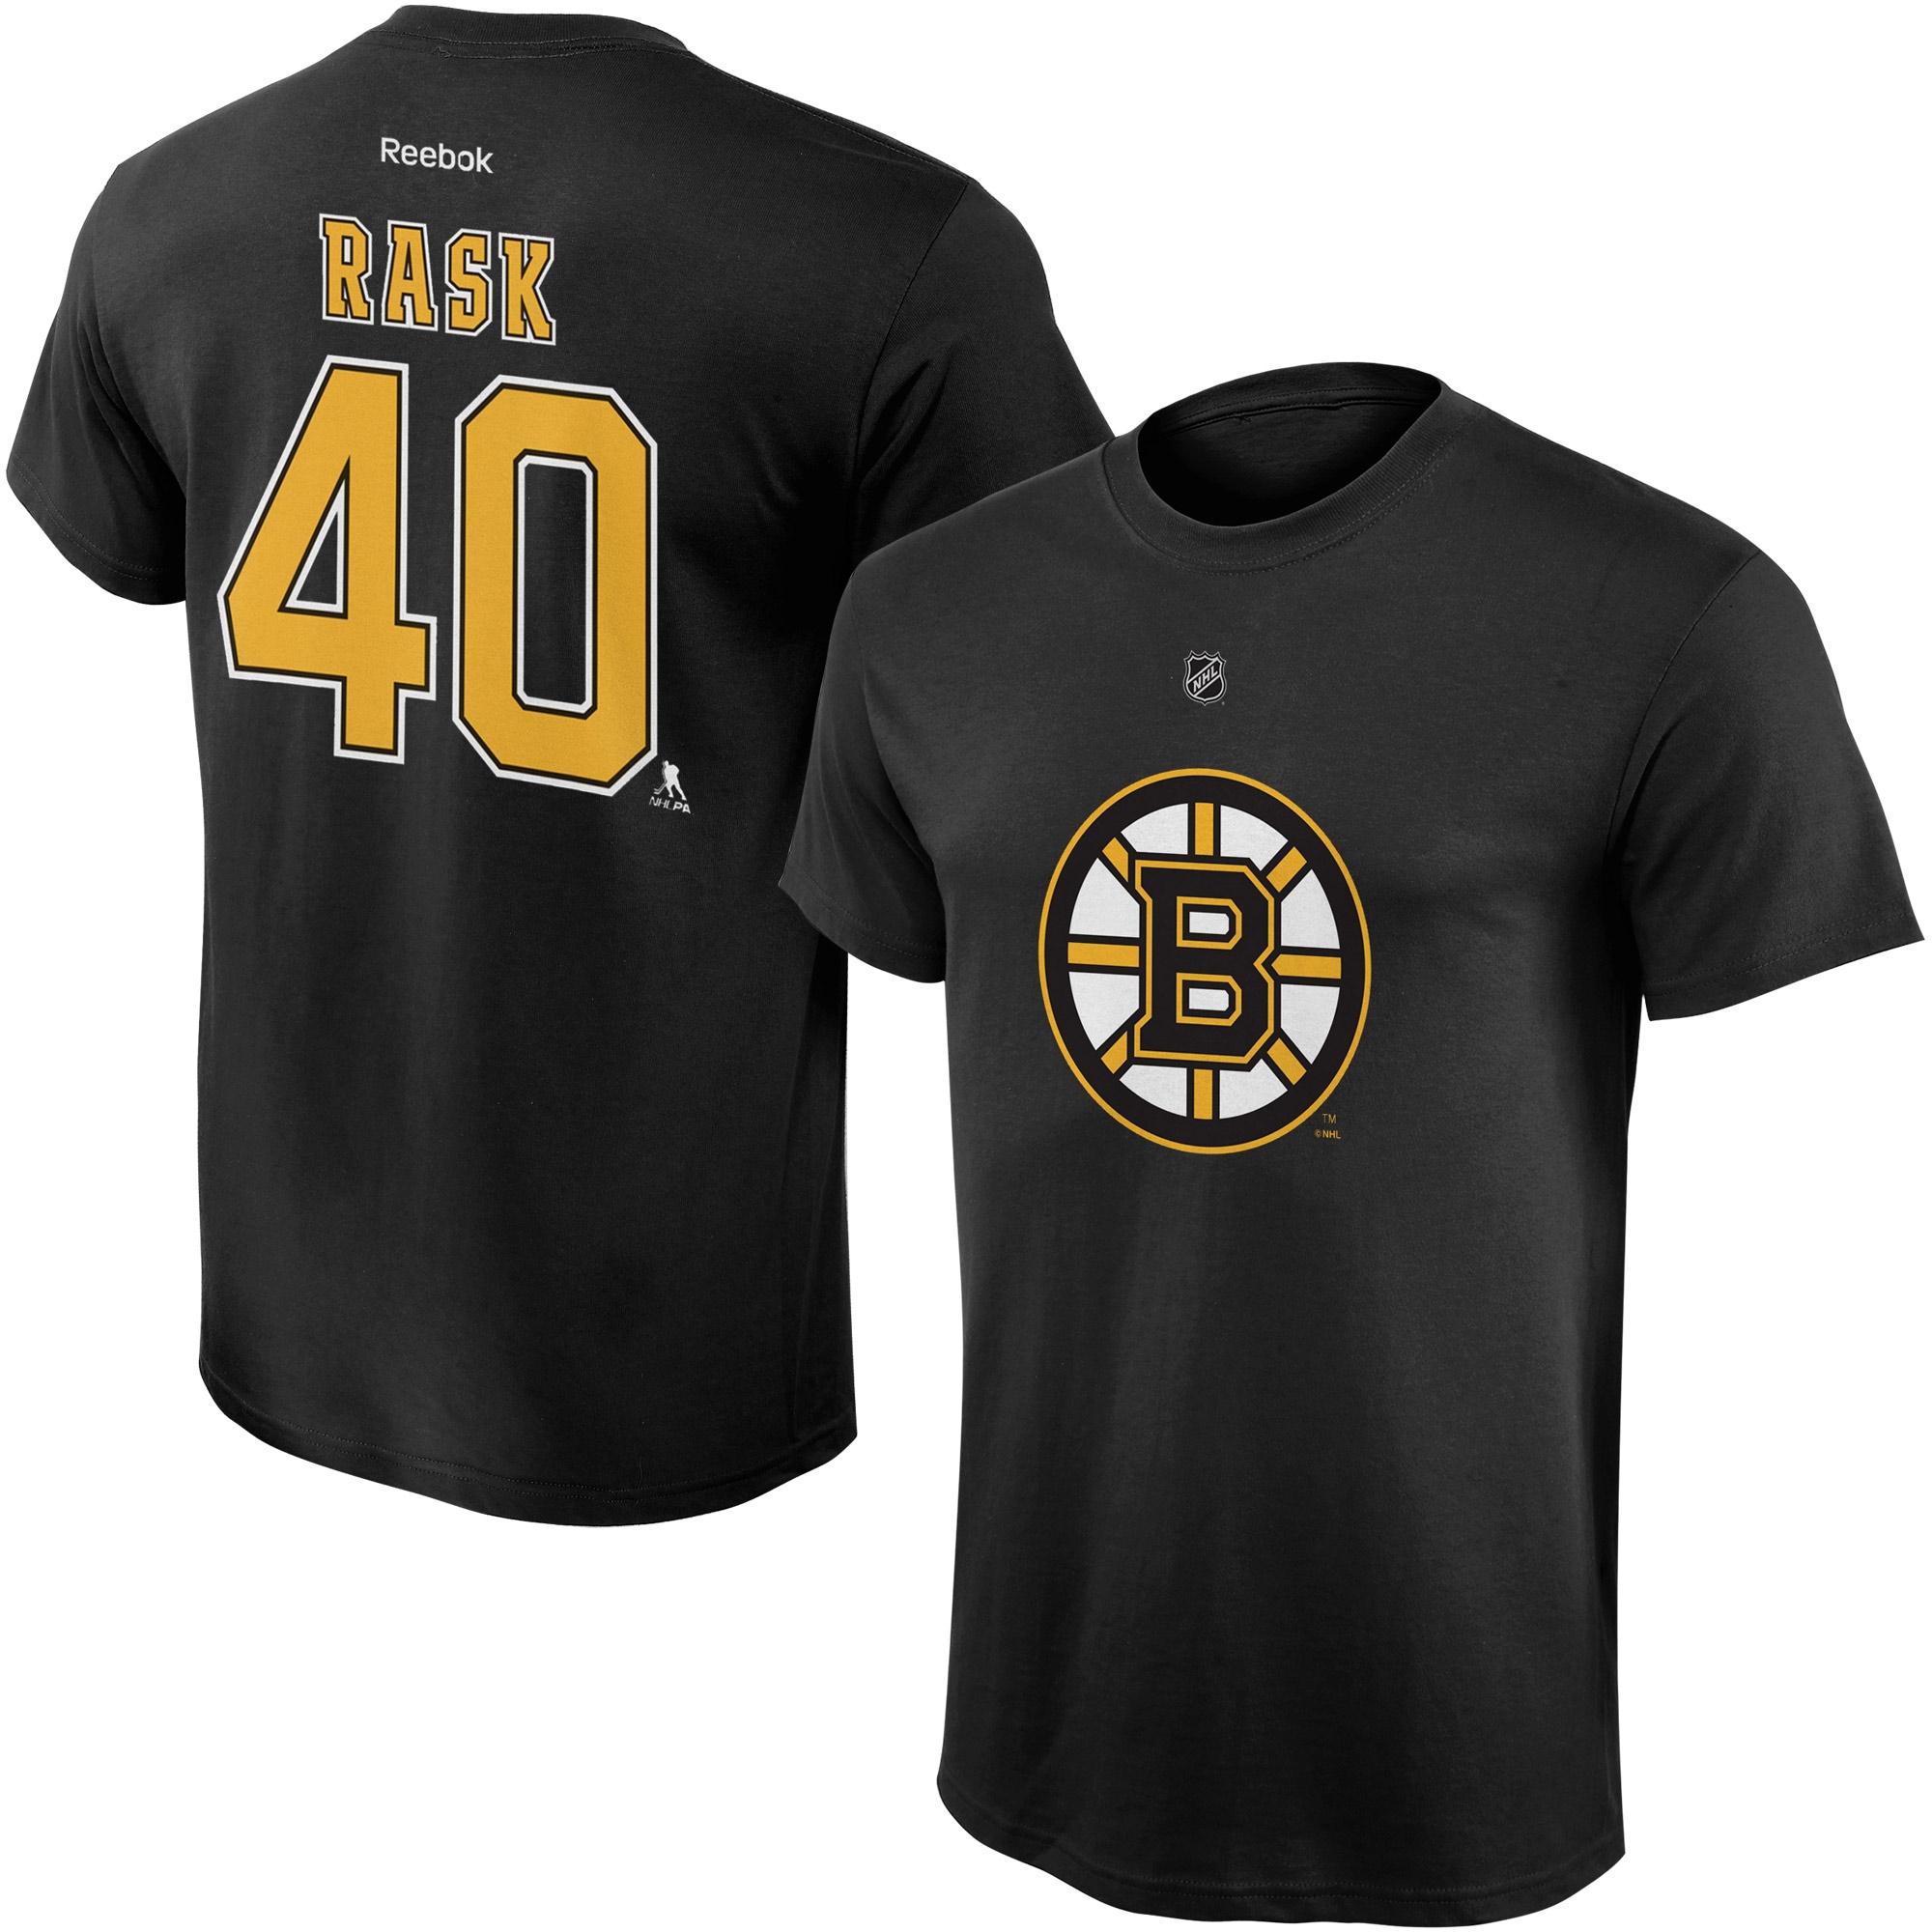 Reebok Dětské tričko Tuukka Rask Boston Bruins NHL Name & Number Velikost: Dětské M (9 - 11 let)